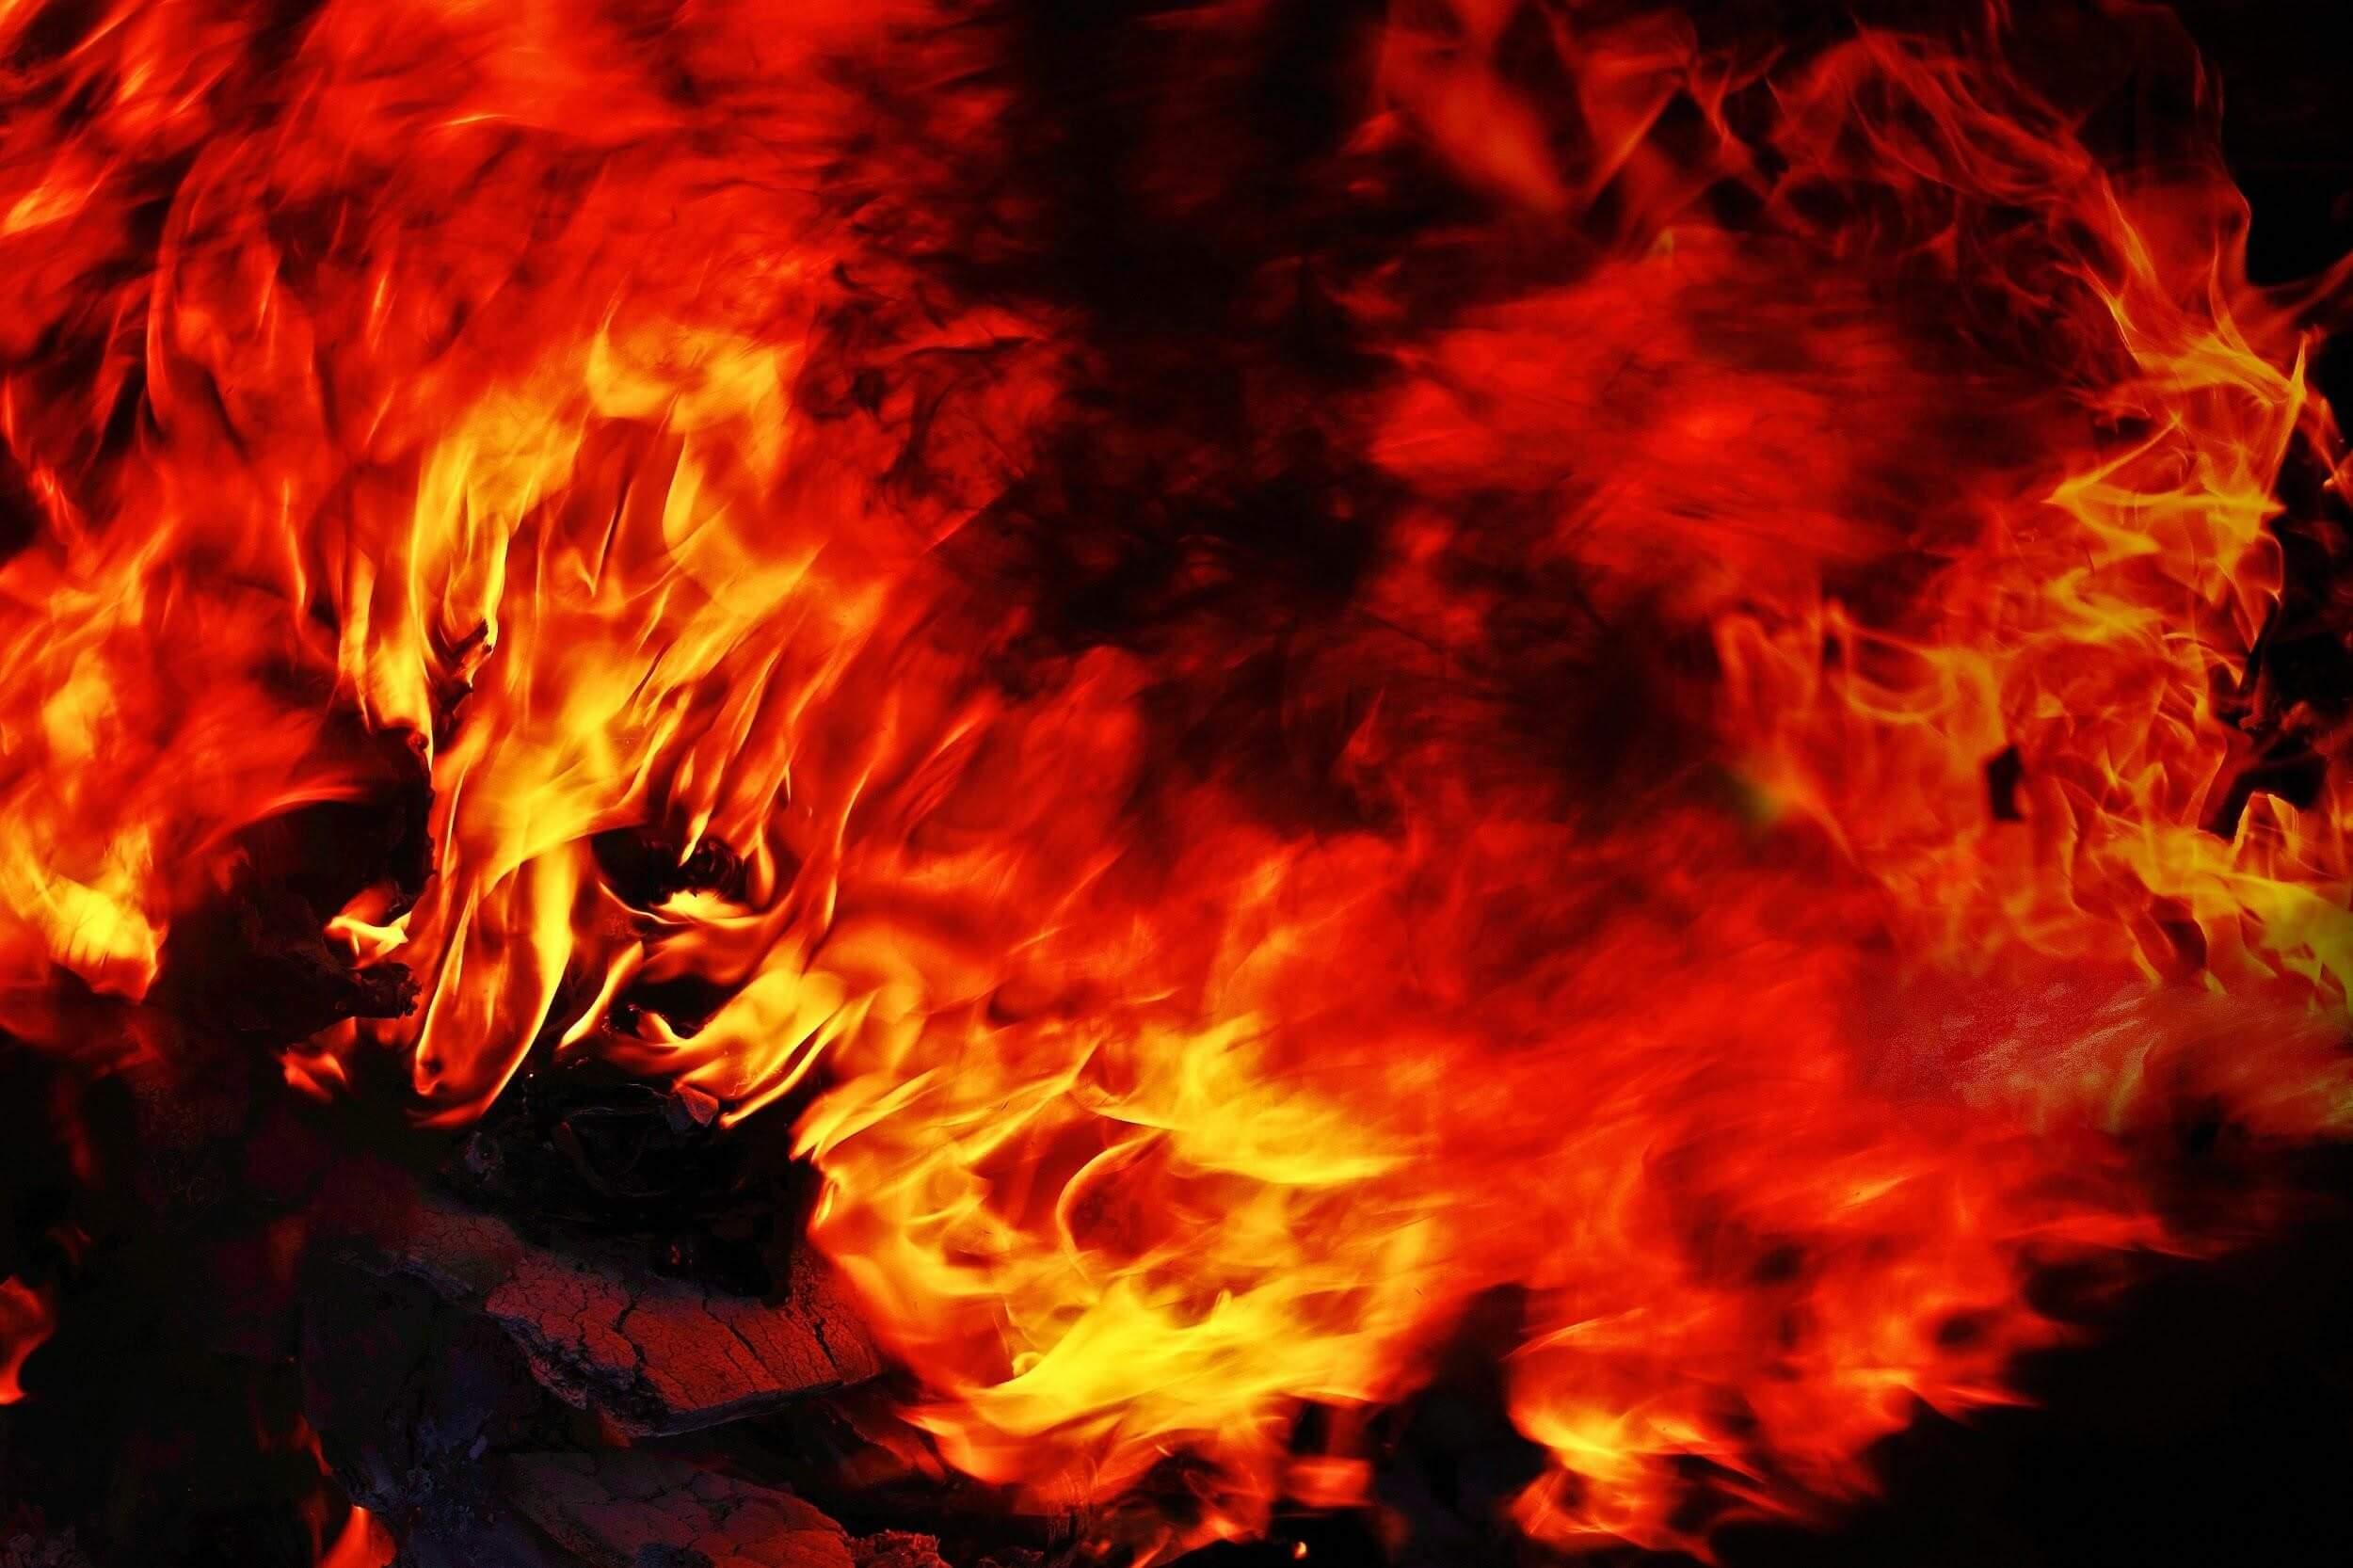 火災保険で壁の補修費用を抑える